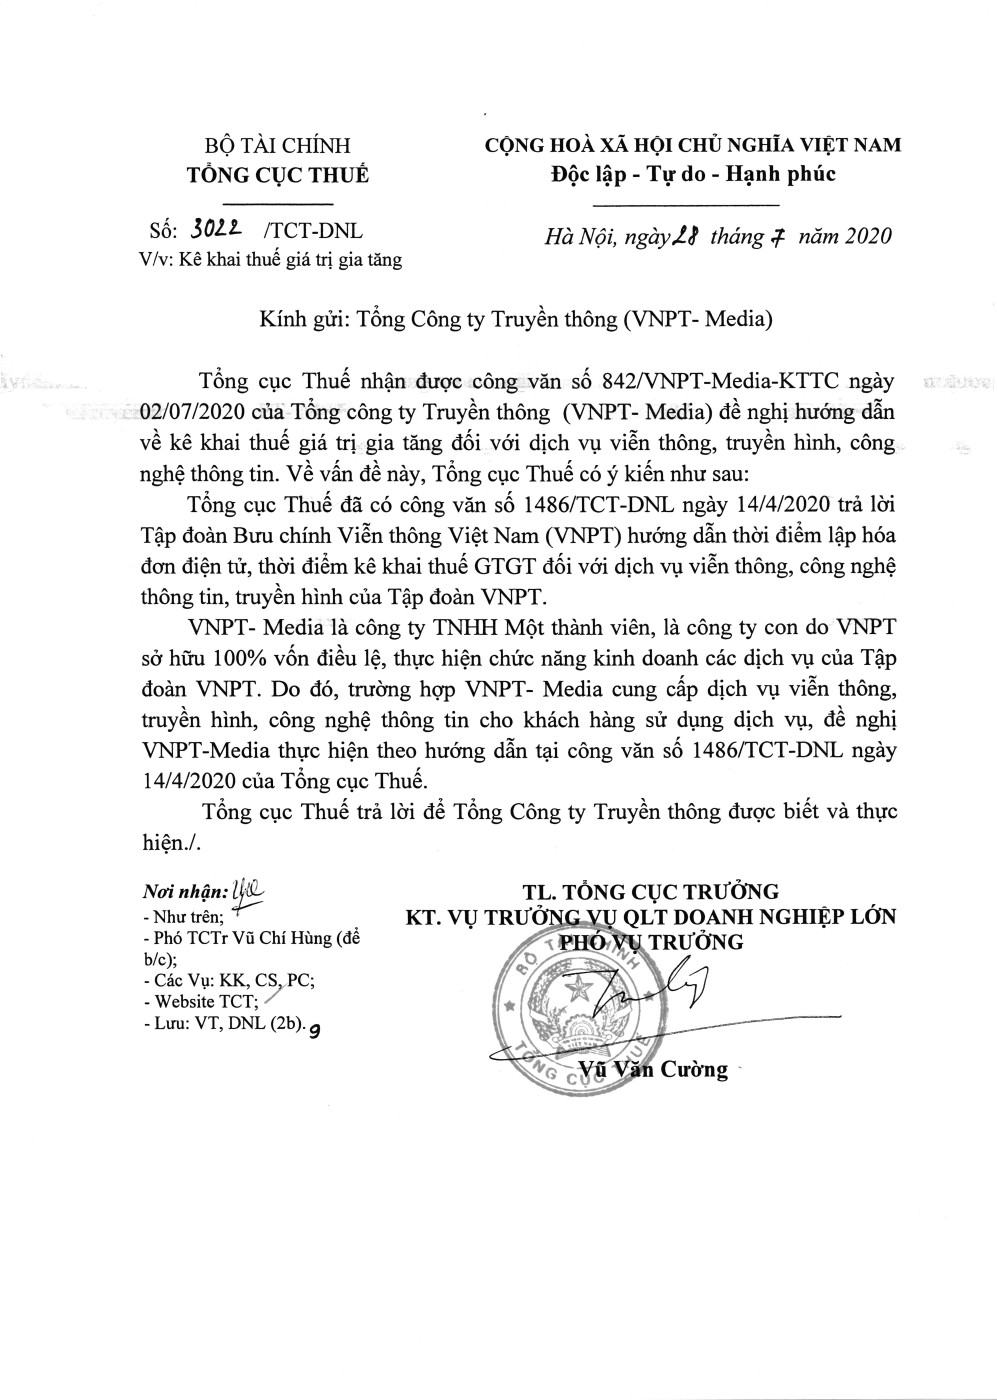 Công văn số 3022/TCT-DNL của Tổng cục Thuế ngày 28/07/2020 v/v kê khai thuế GTGT